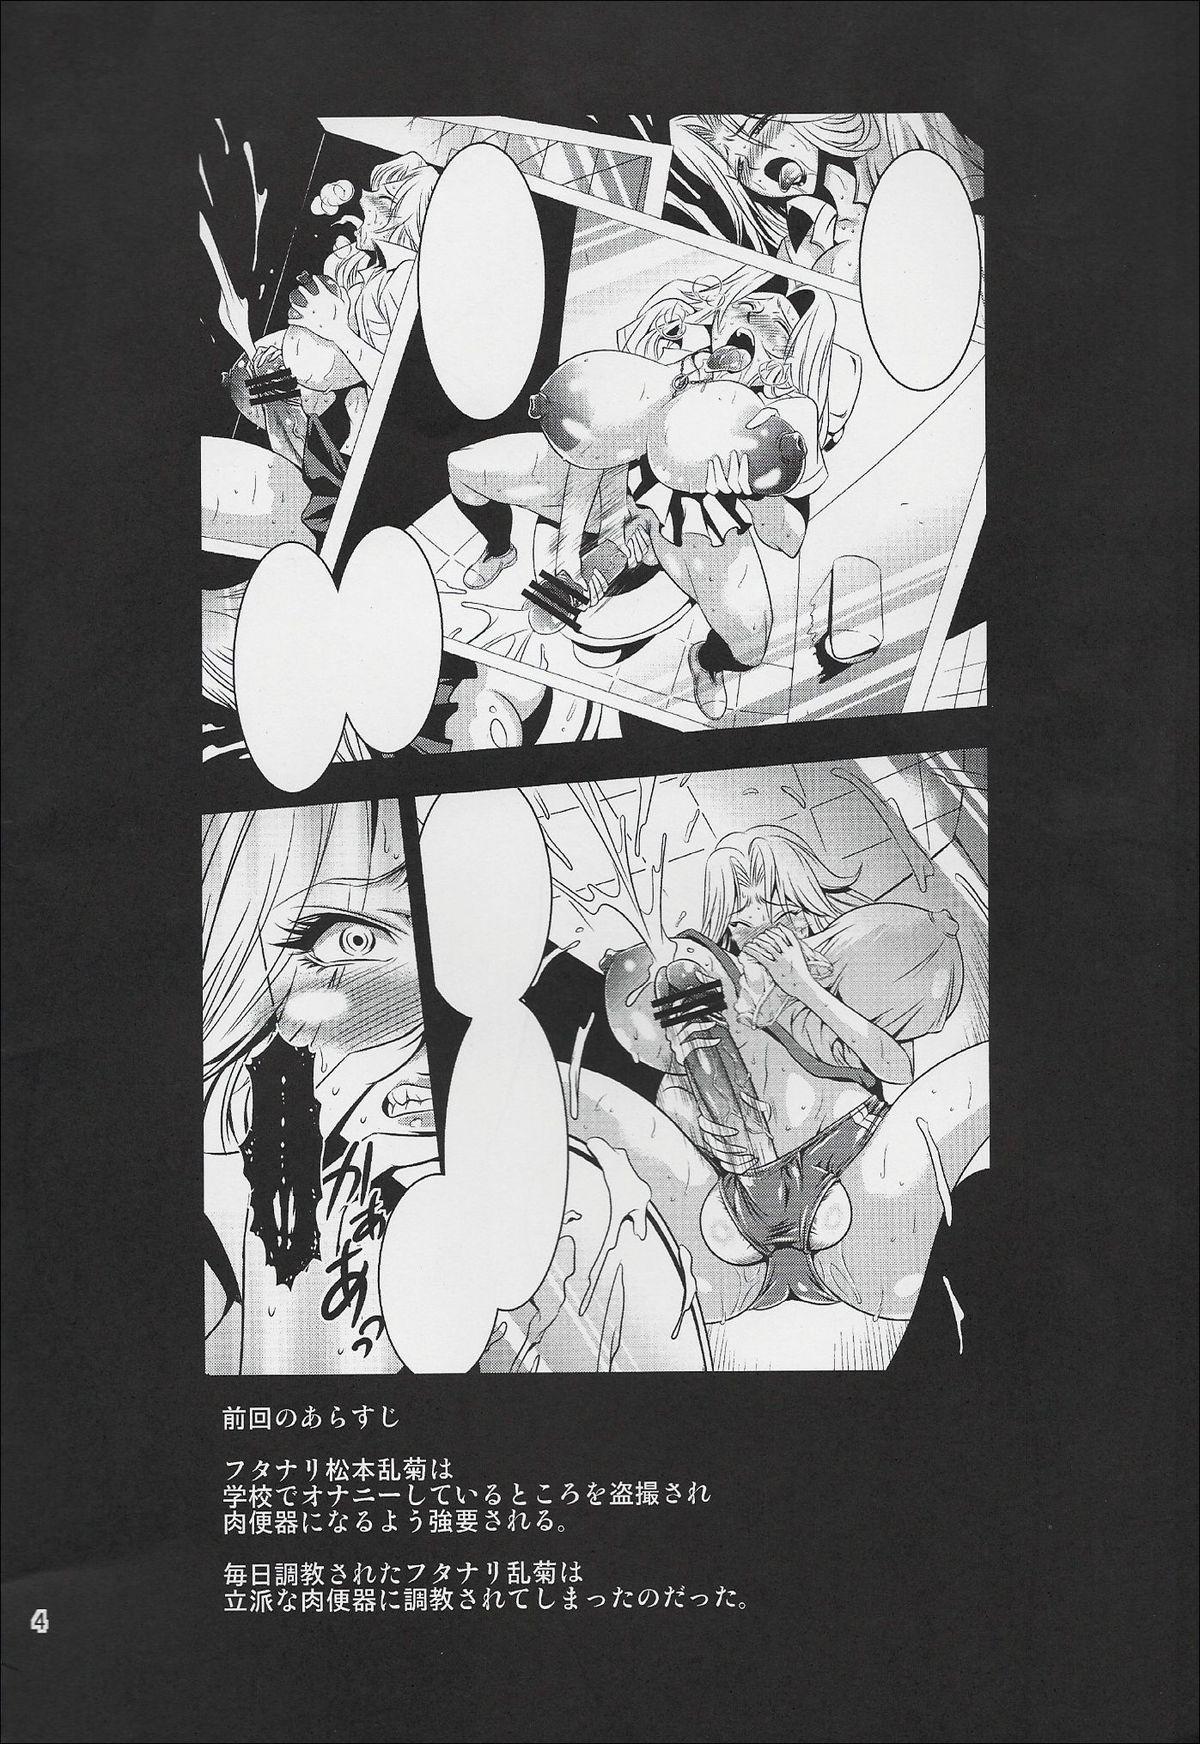 Futagiku 2